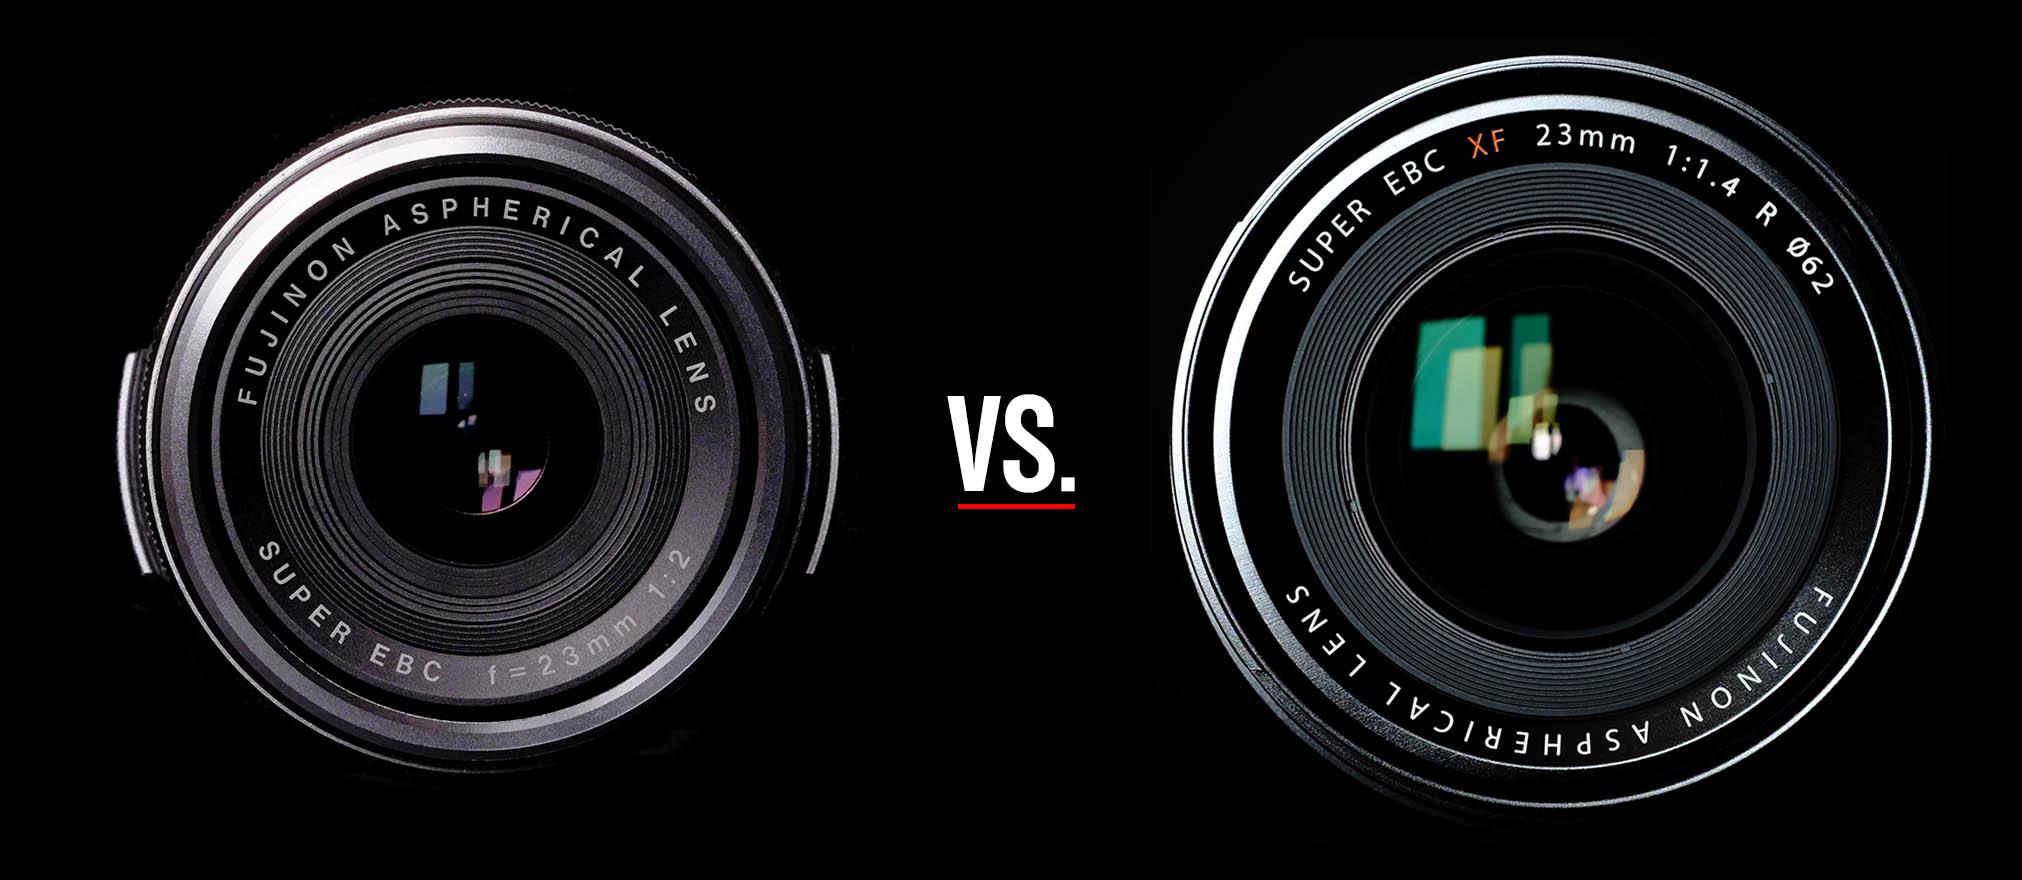 Fuji's X100S vs. the FUJINON XF 23mm ƒ/1.4